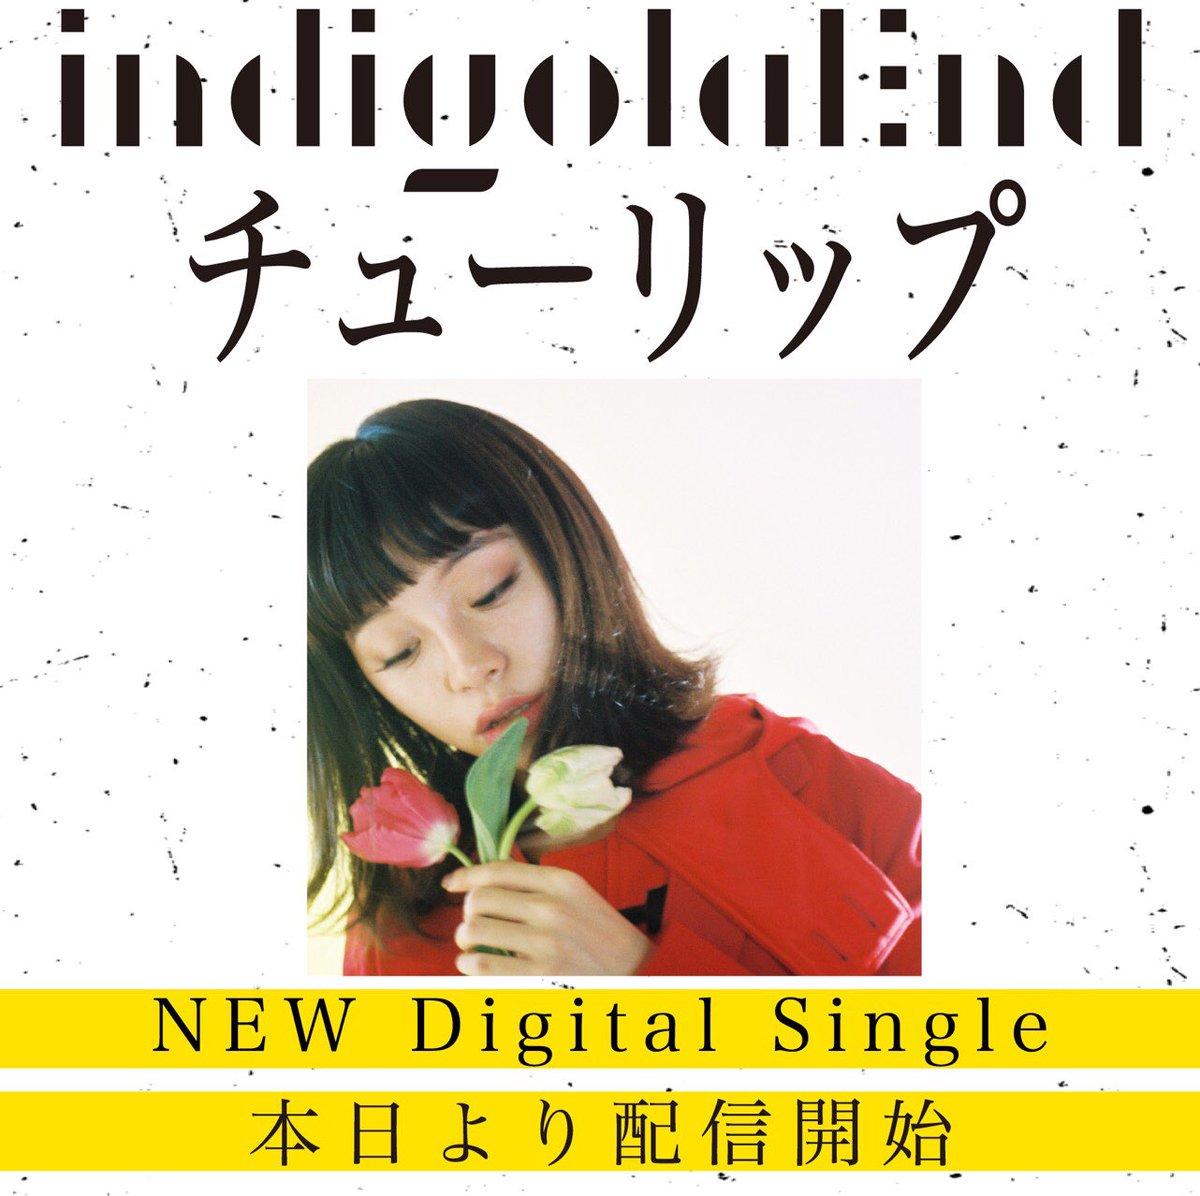 【新曲配信開始】indigo la End New Digital Single『チューリップ』ただいまより配信開始!!各配信サイトリンク↓↓